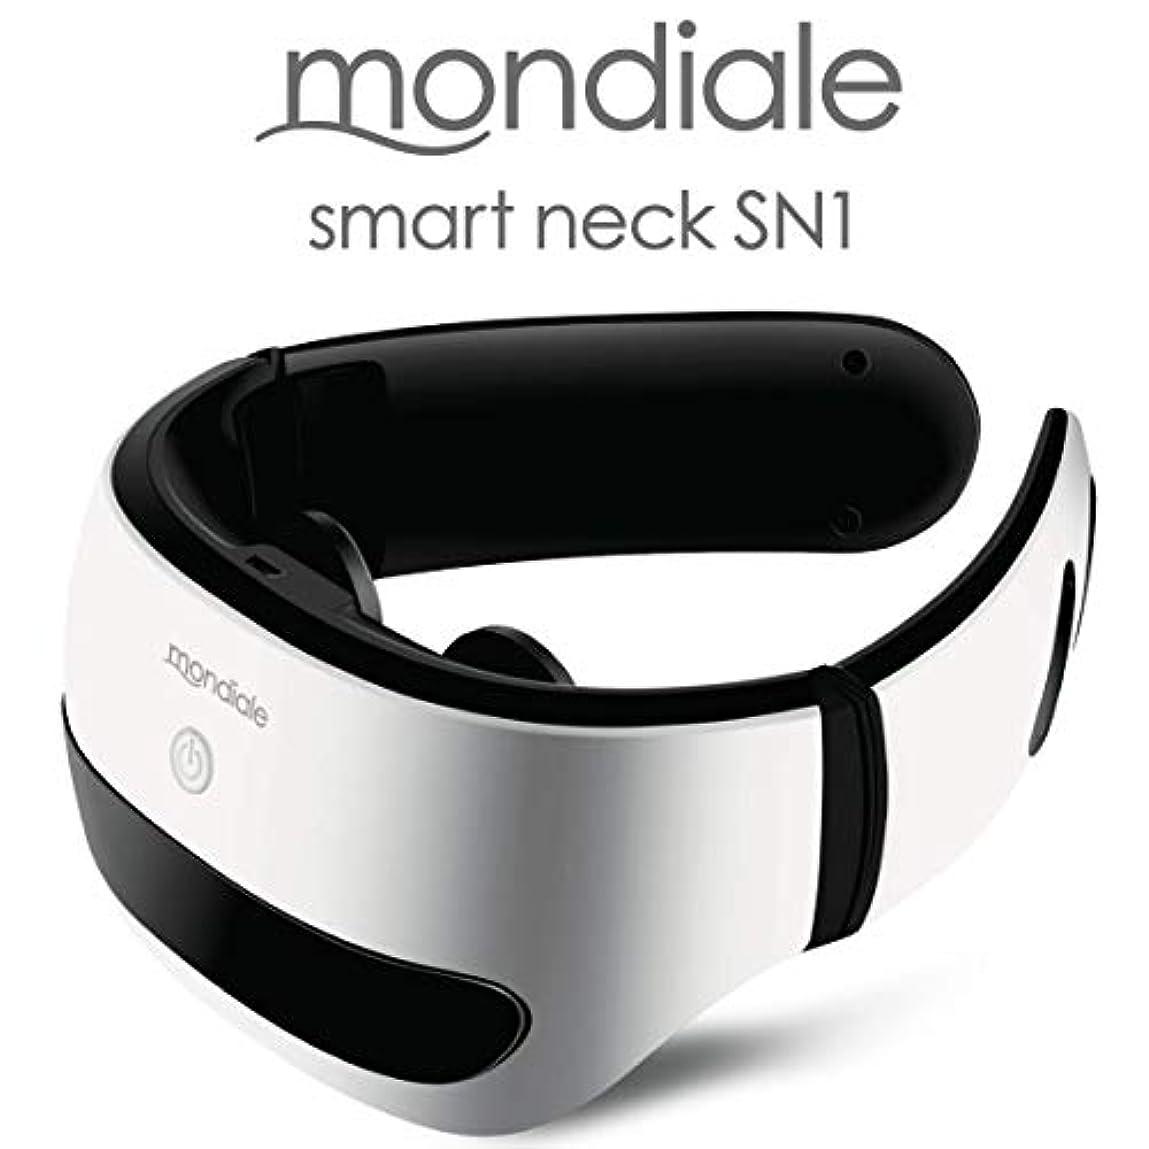 意識的撤退レベルモンデール スマートネック SN1 mondiale smart neck SN1